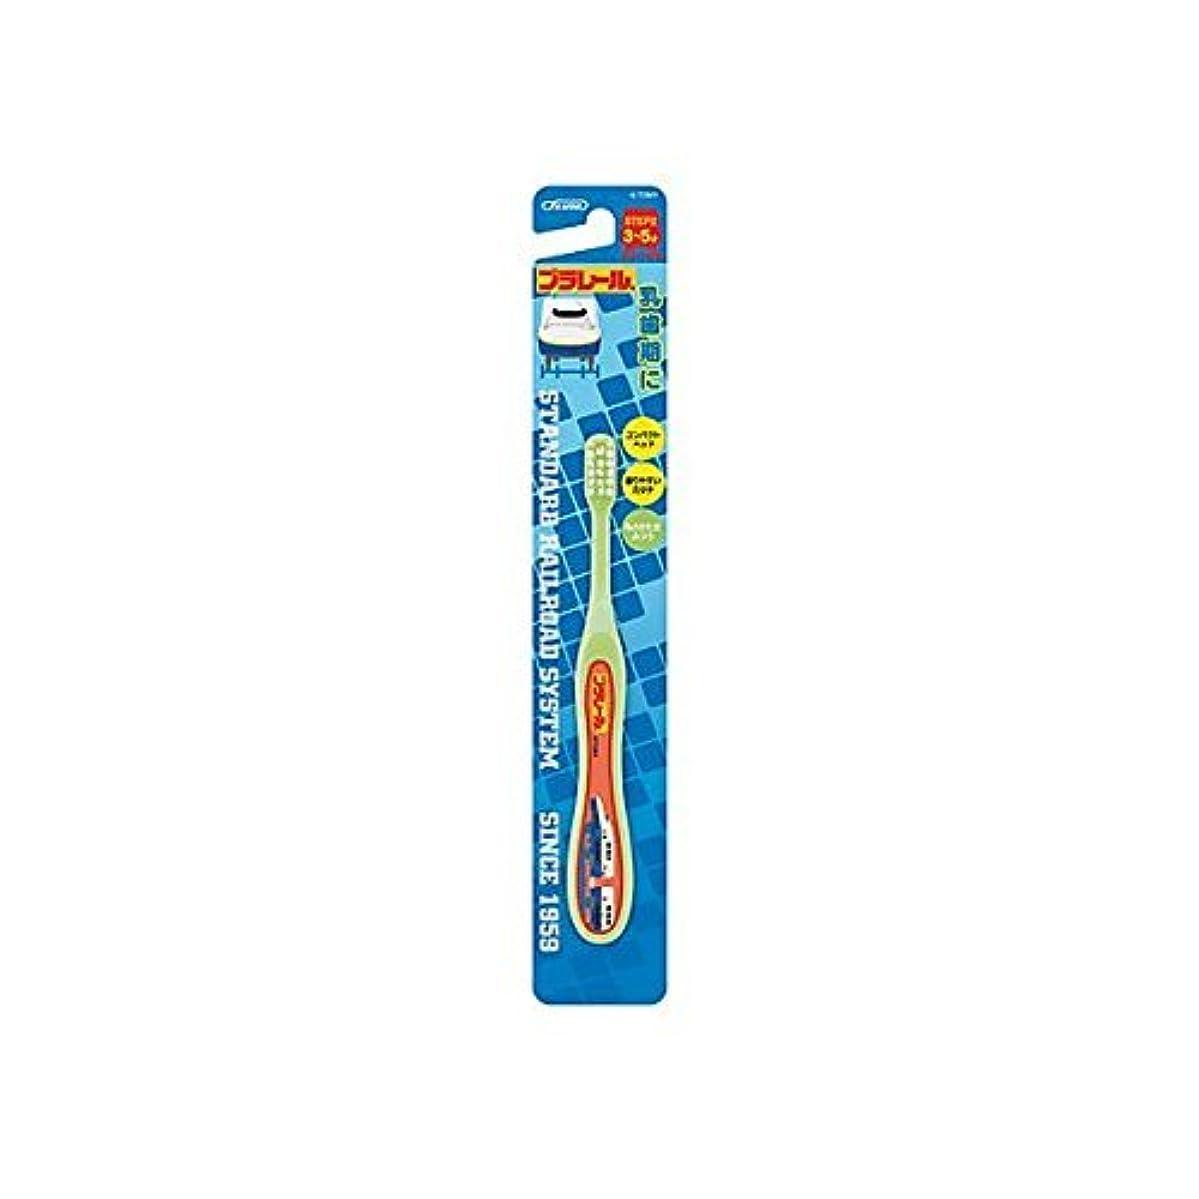 寄生虫滴下栄光歯ブラシ(転写タイプ)園児用 プラレール